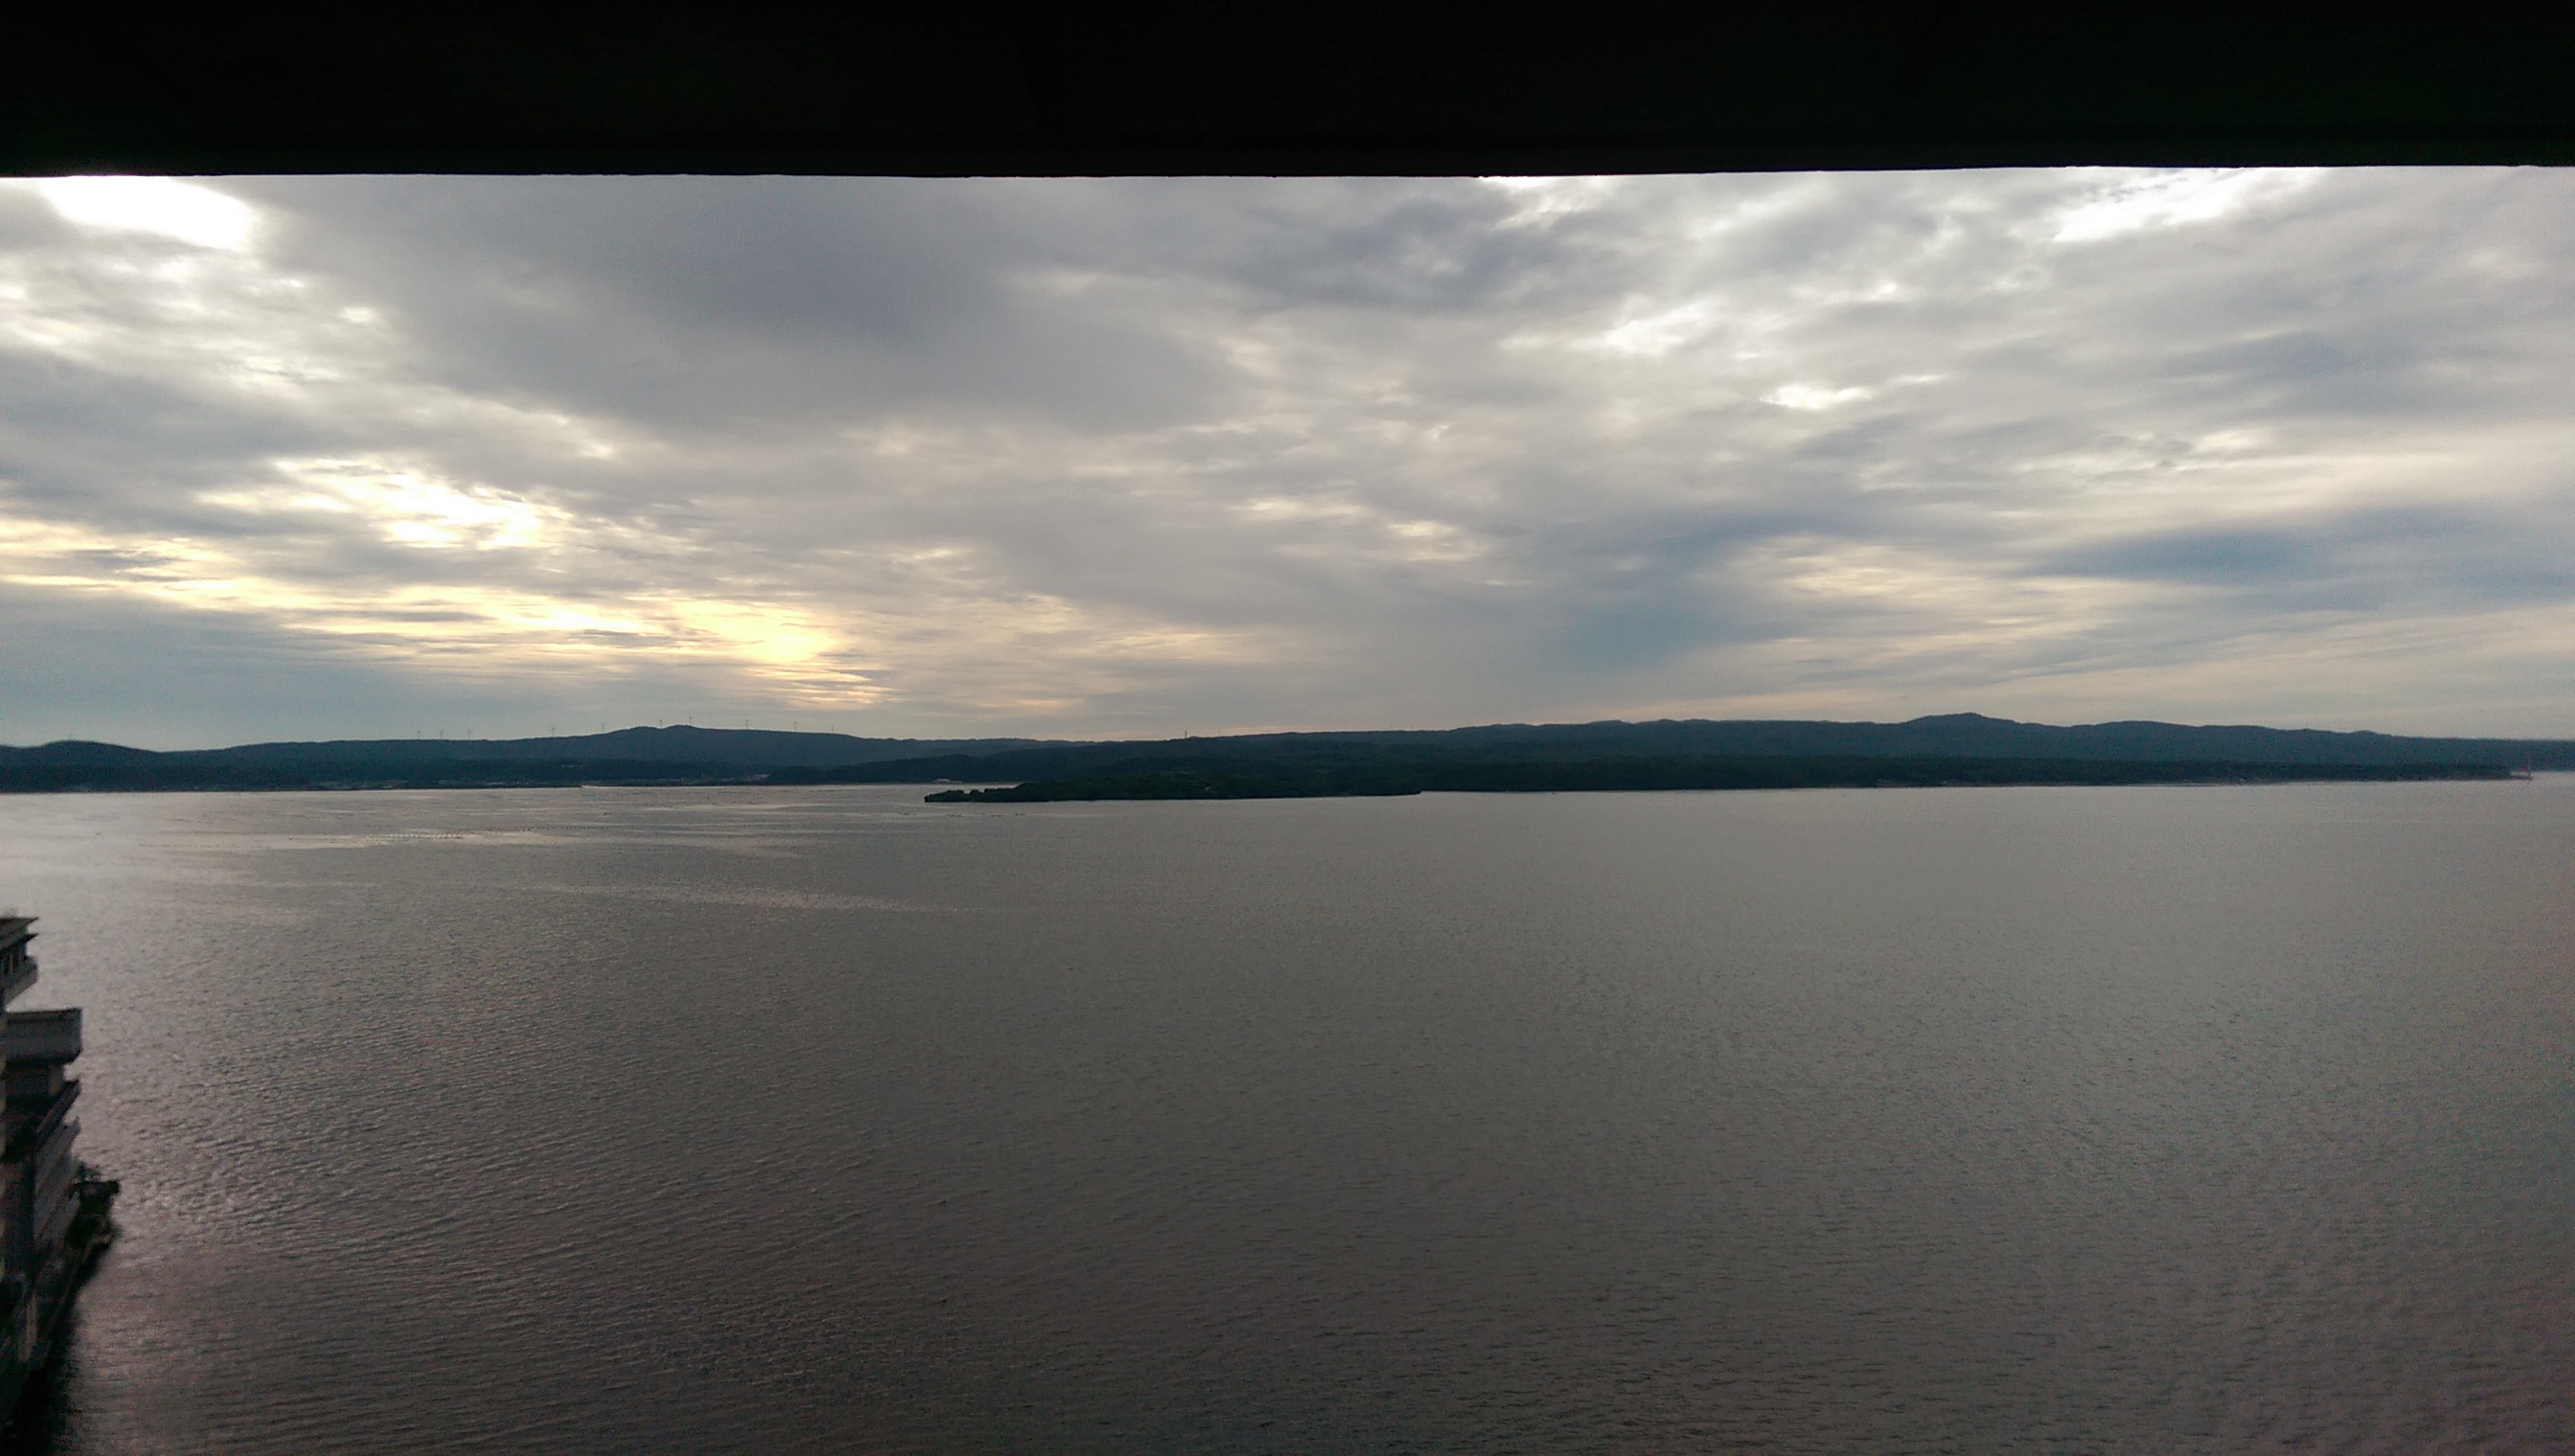 View from Kagaya Ryokan